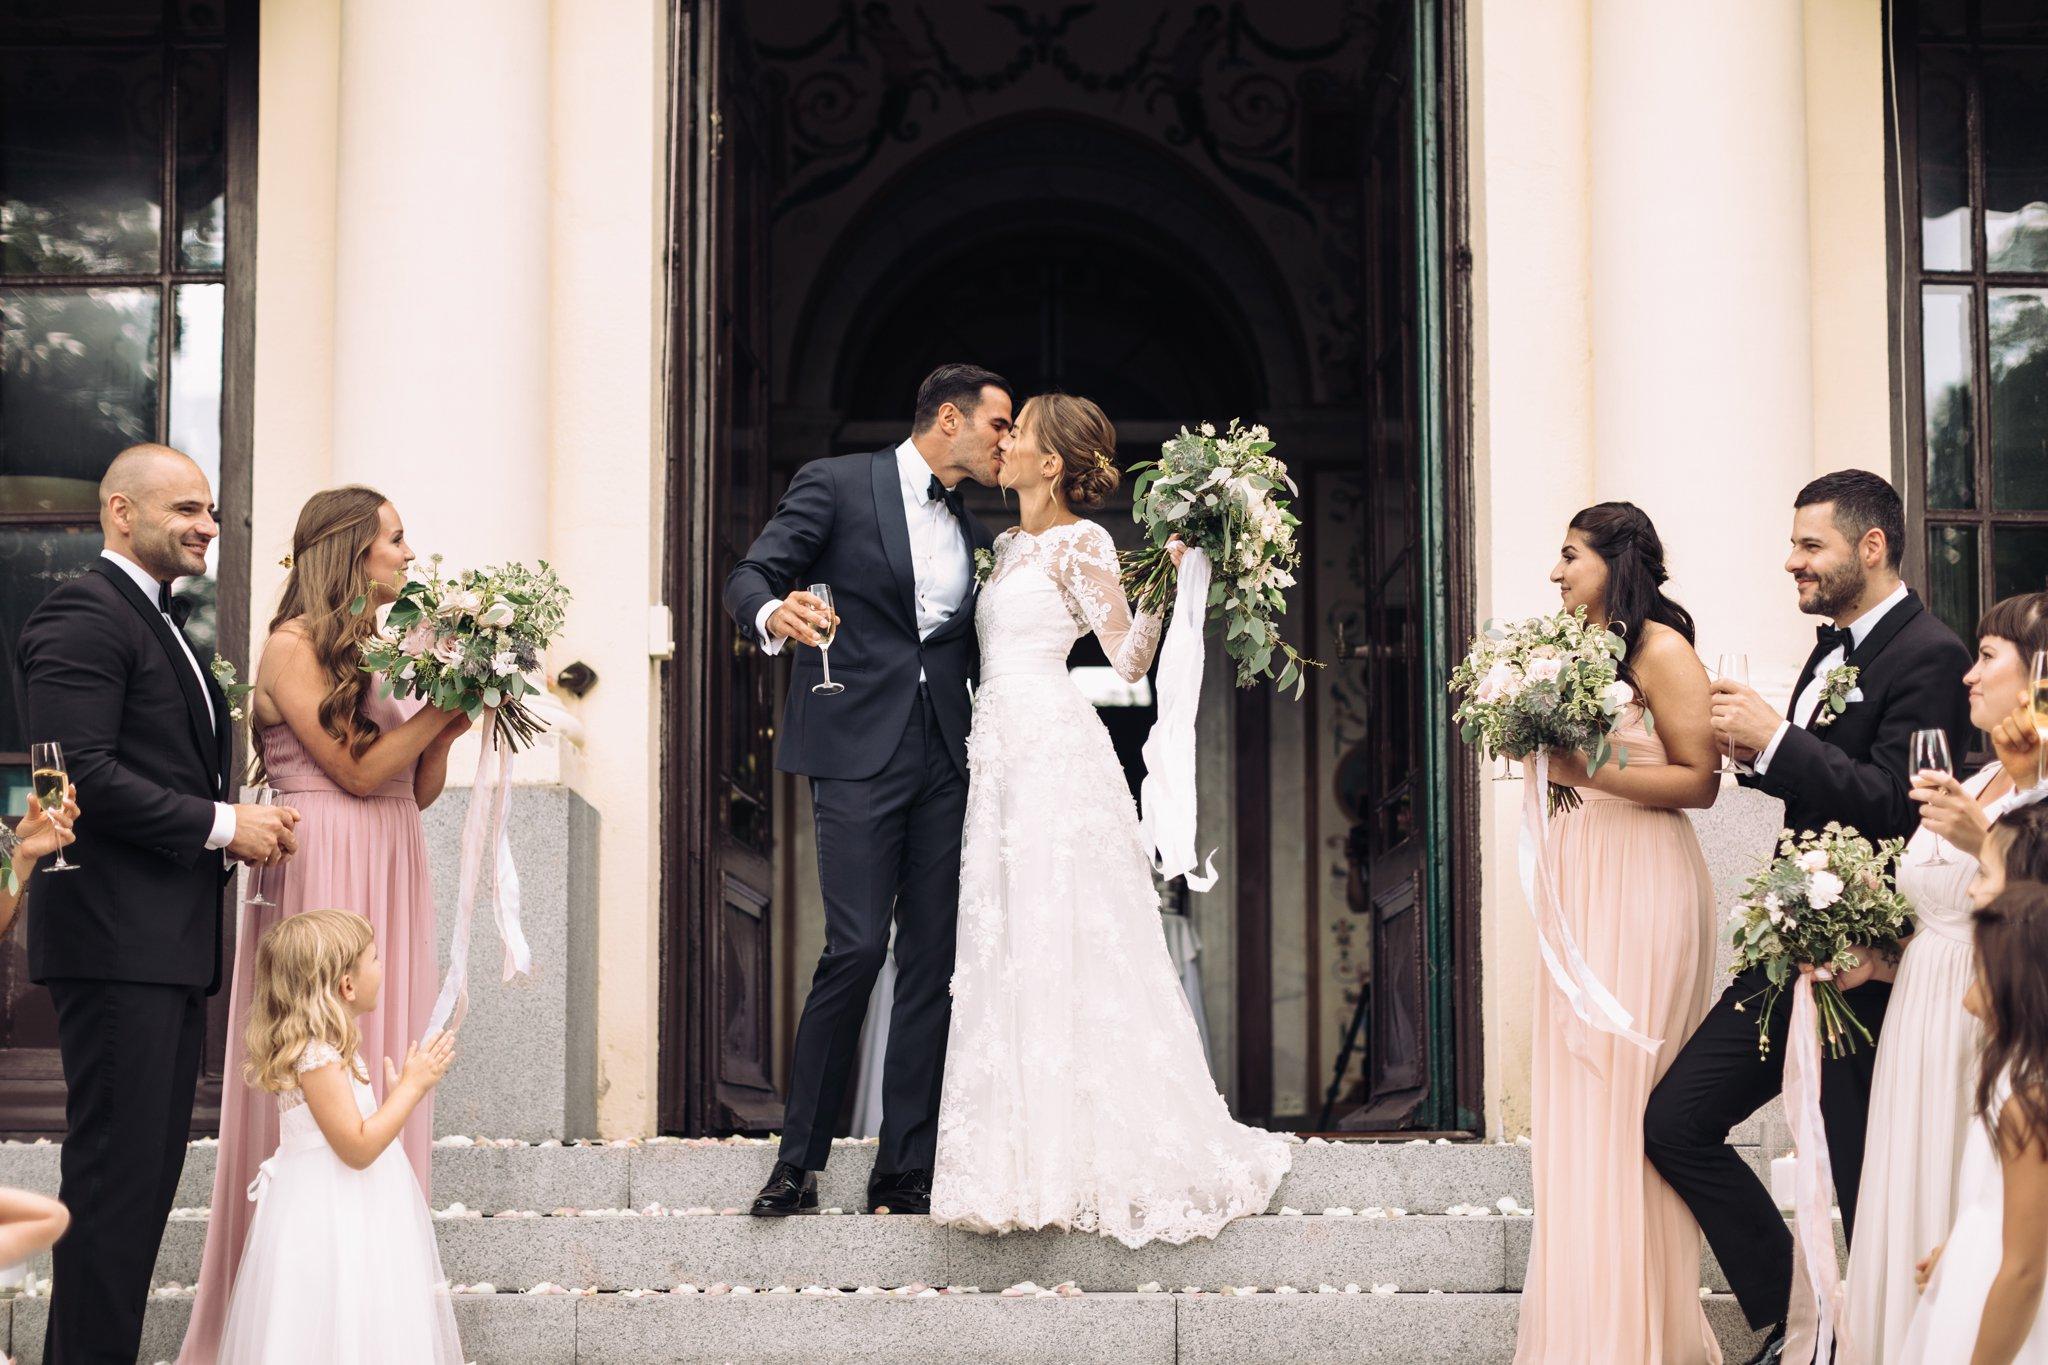 Kenza-Aleks-Wedding-Photo-by-Fabian-Wester-13